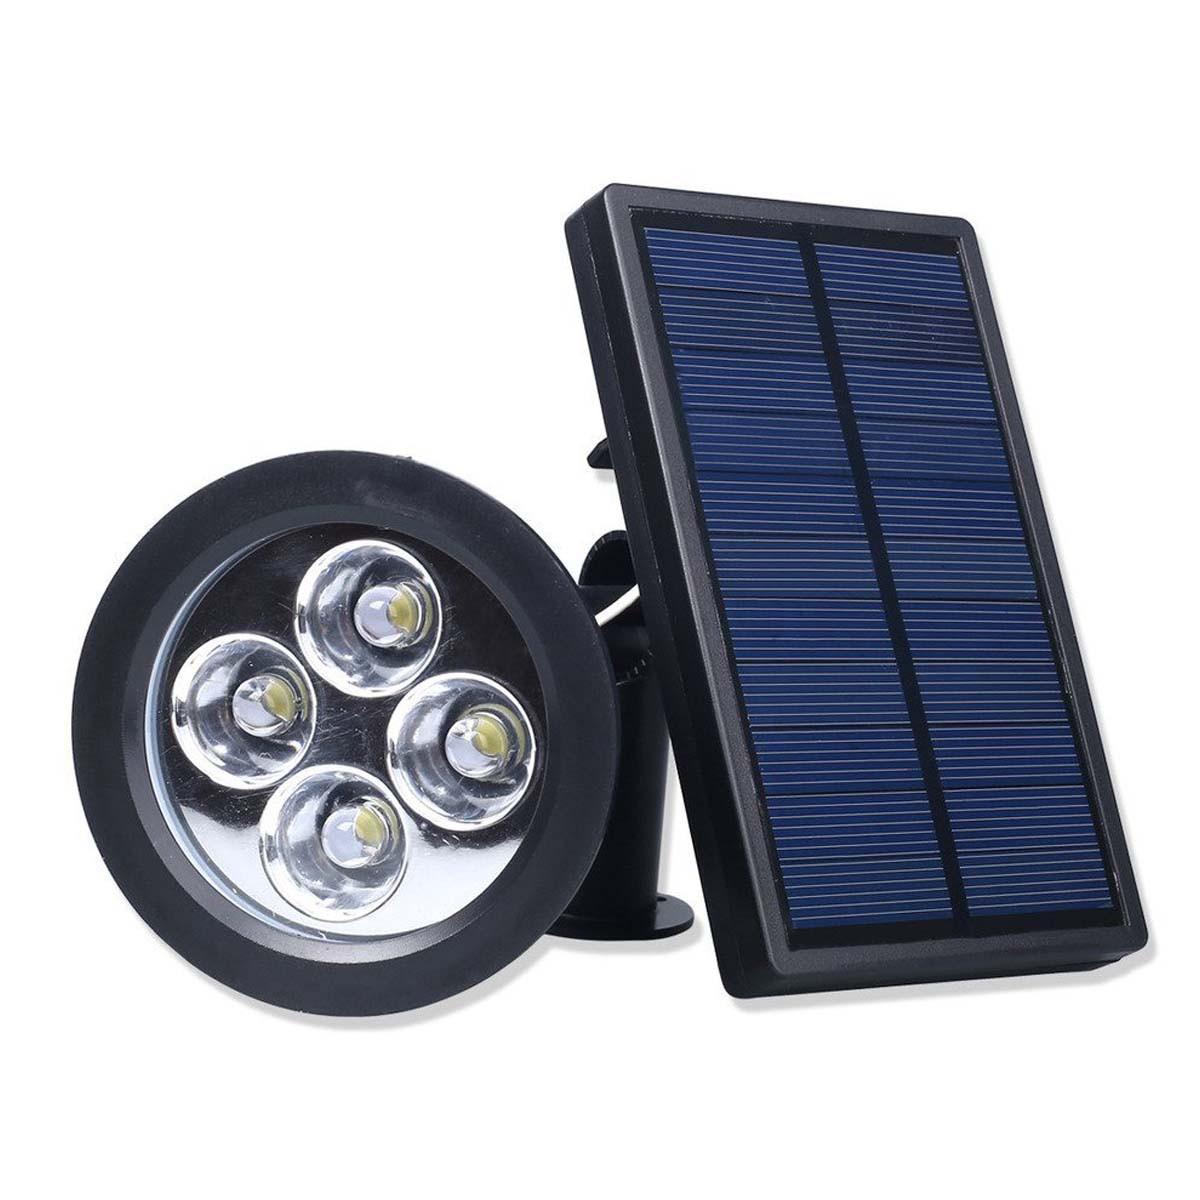 Luce Per Esterno Con Pannello Solare.2 Lampada Solare Faretto Faro Da Esterno Giardino 4 Led Ip65